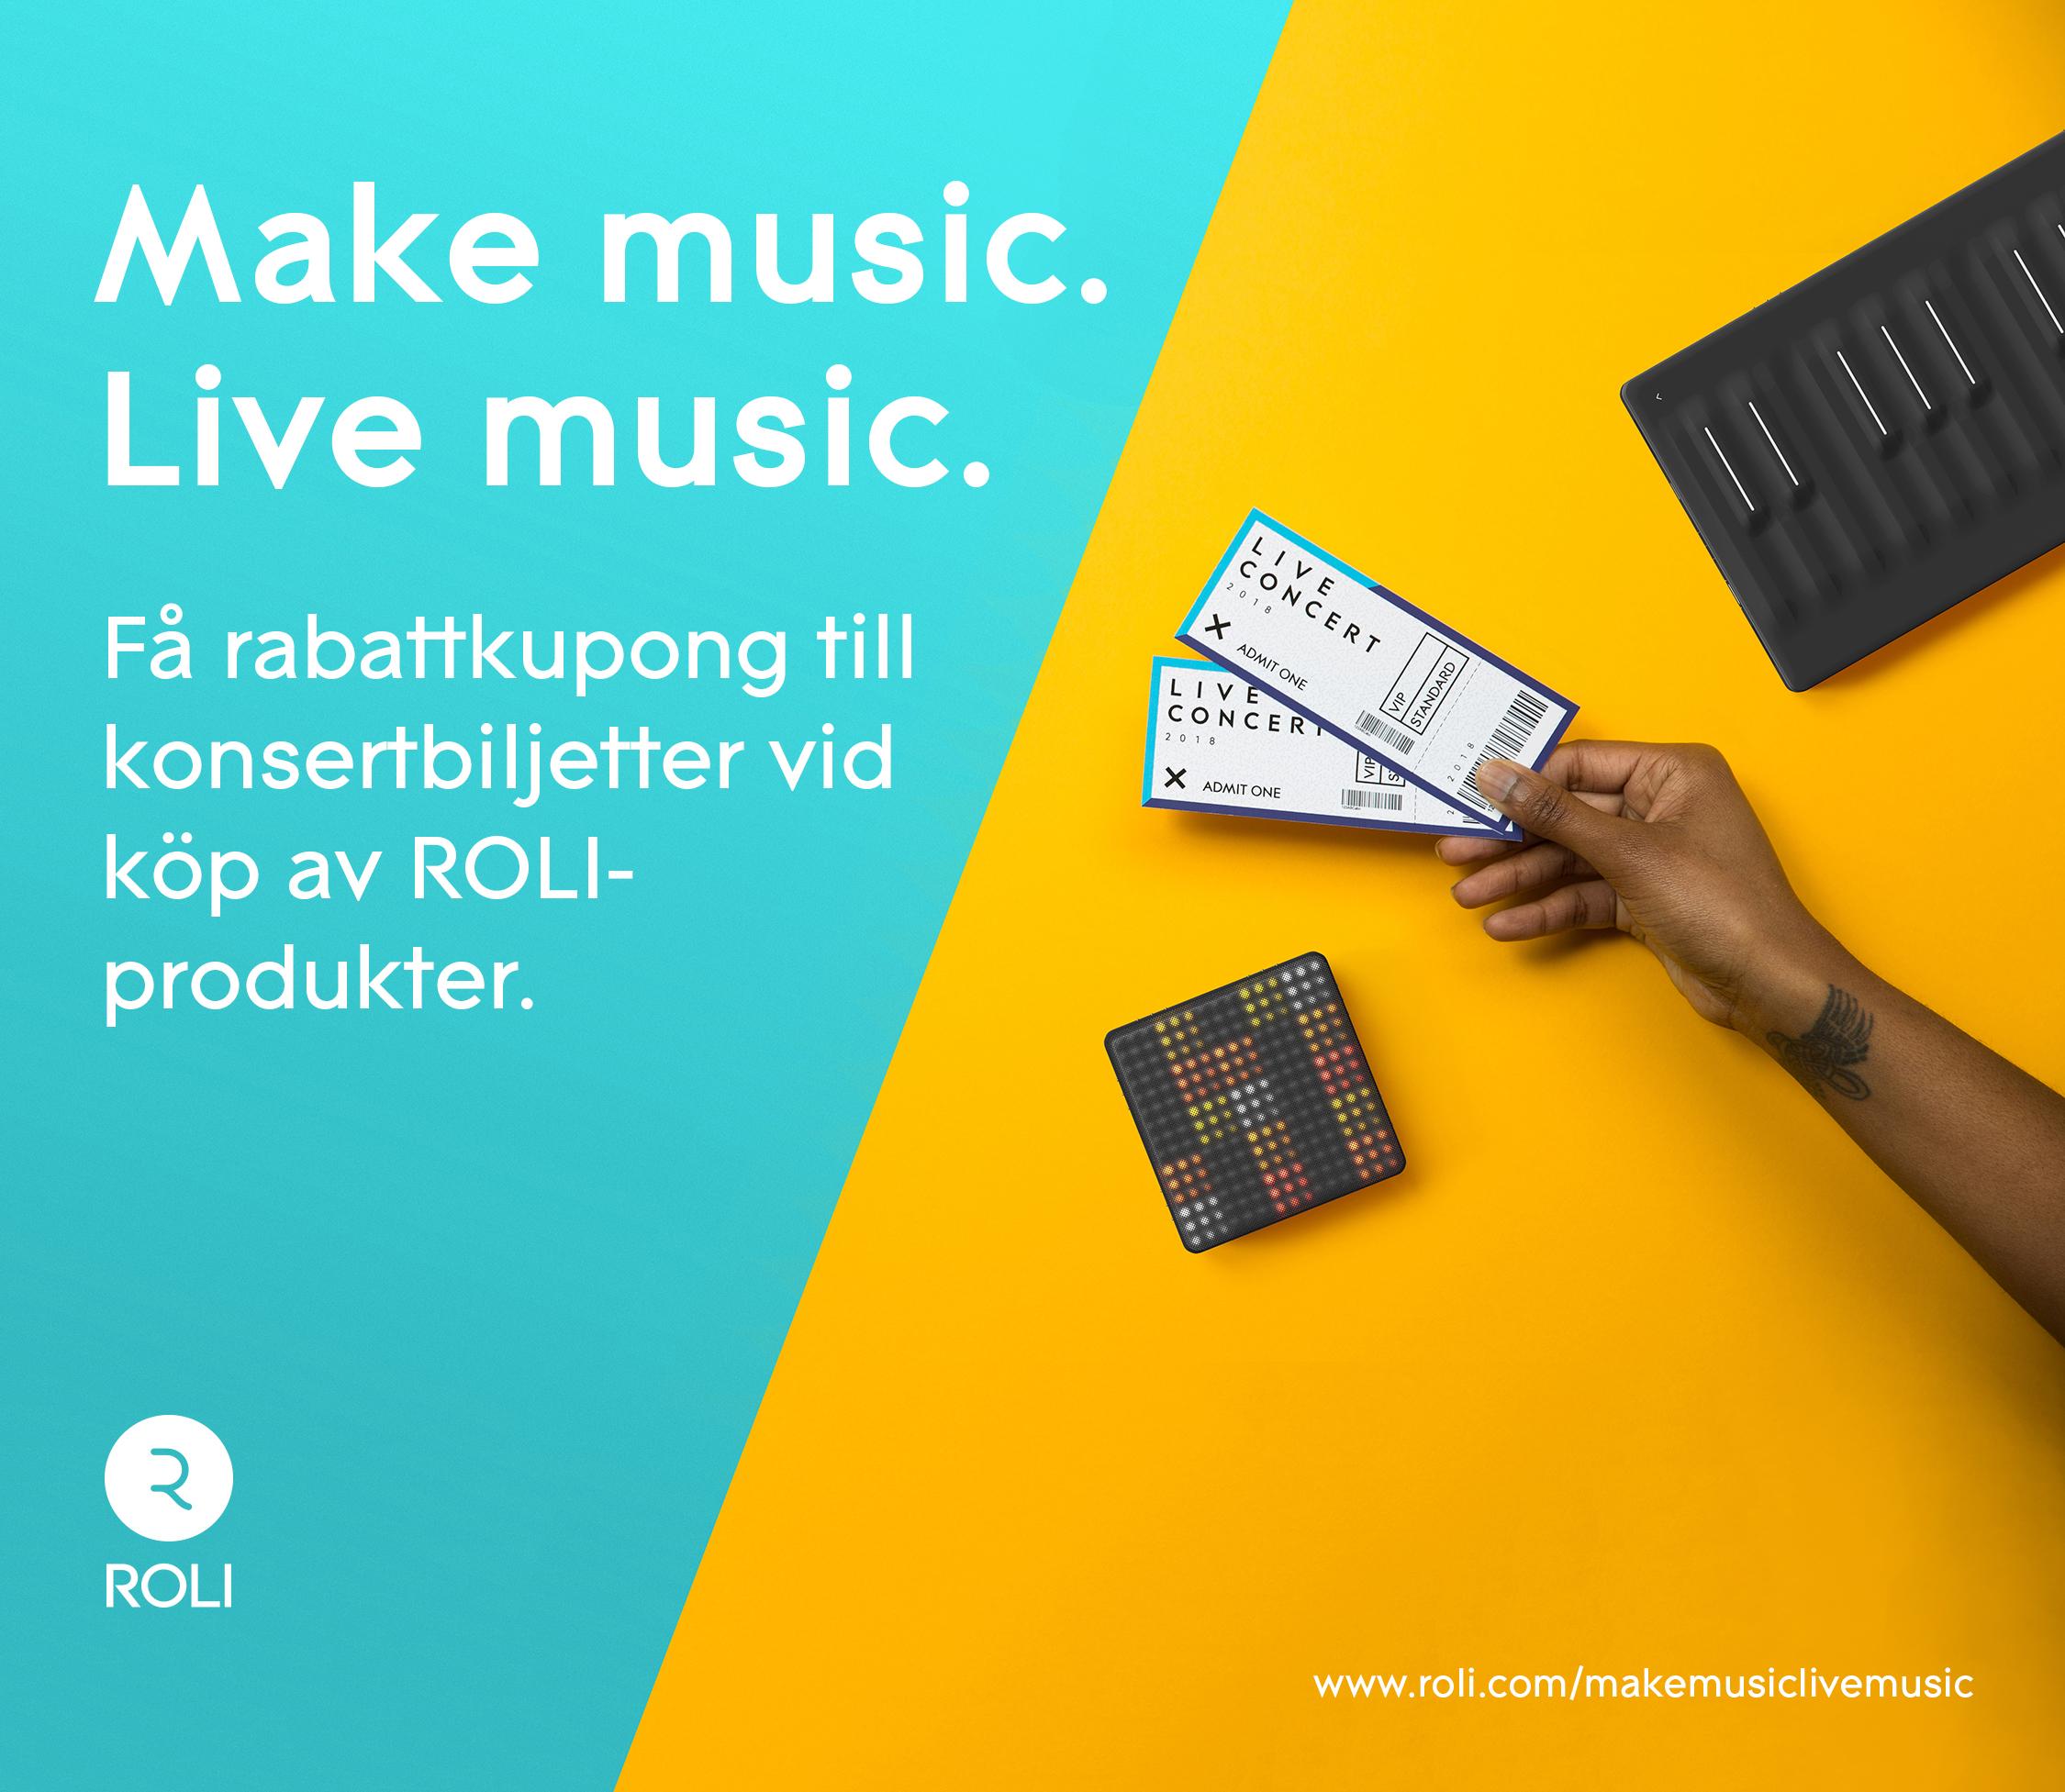 ROLI kampanj – Få rabattkupong till konsertbiljetter vid köp av ROLI-produkter